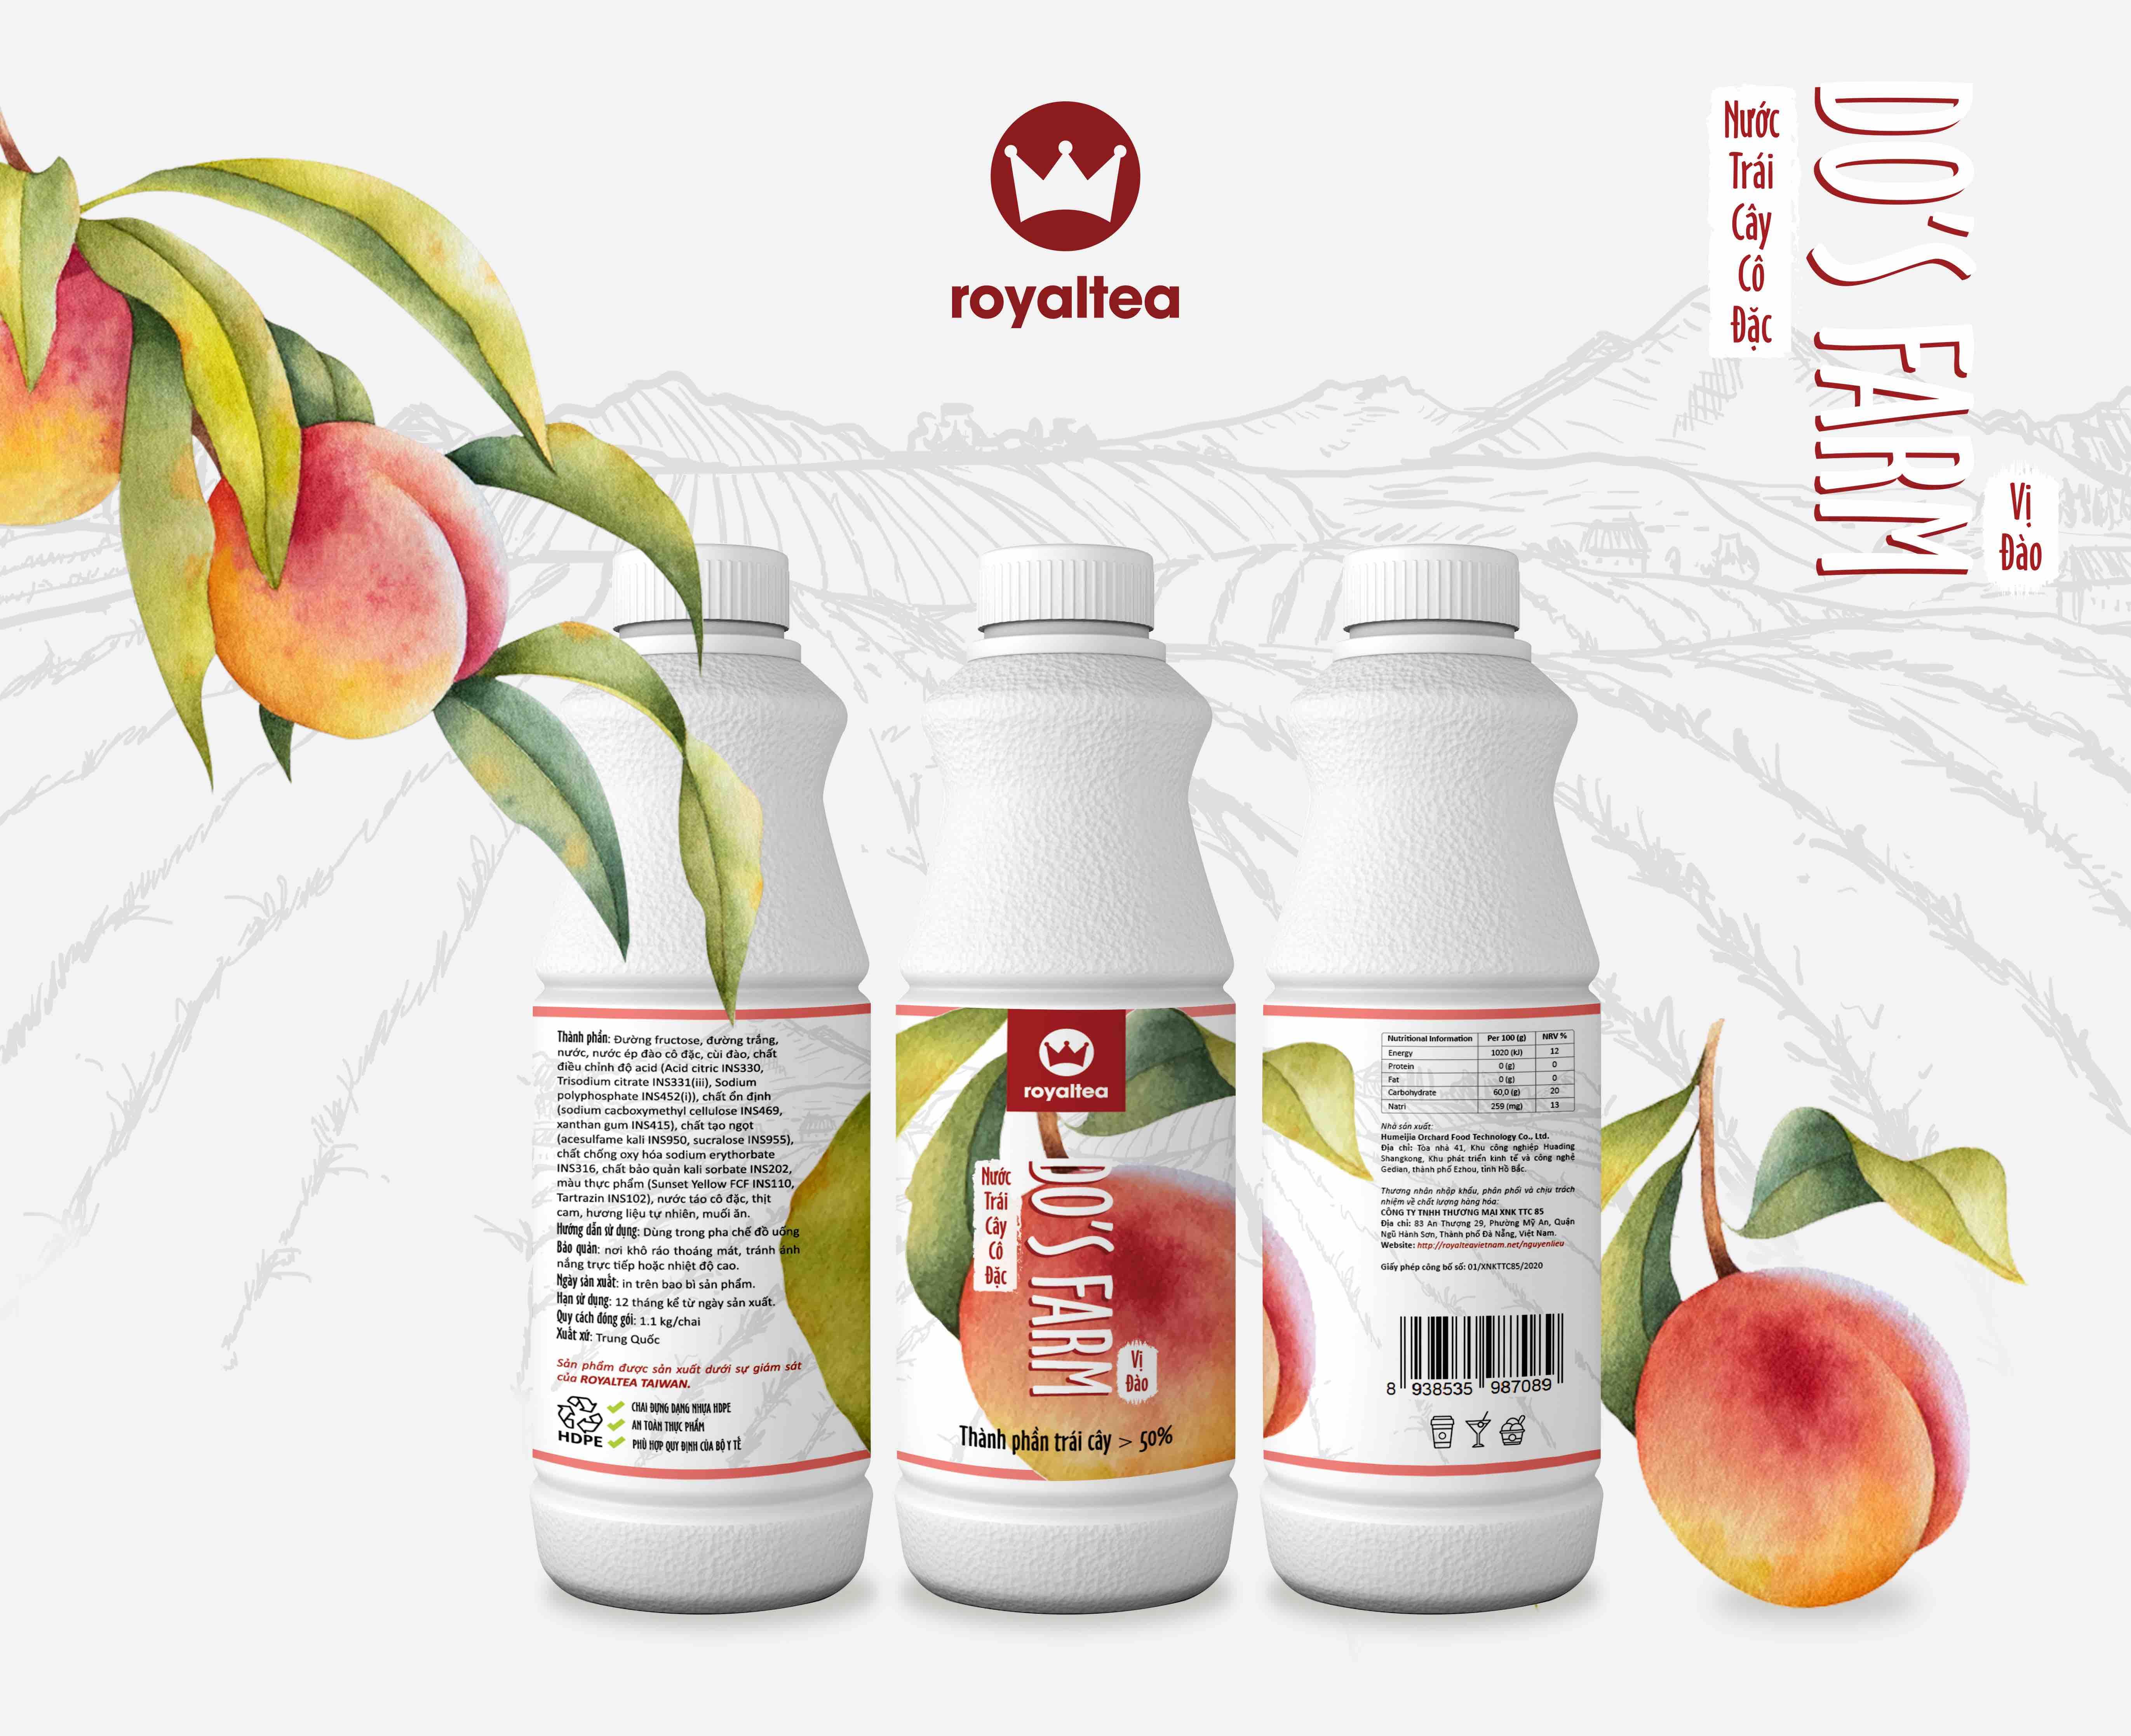 Nước trái cây cô đặc – vị  đào – 190.000 VNĐ